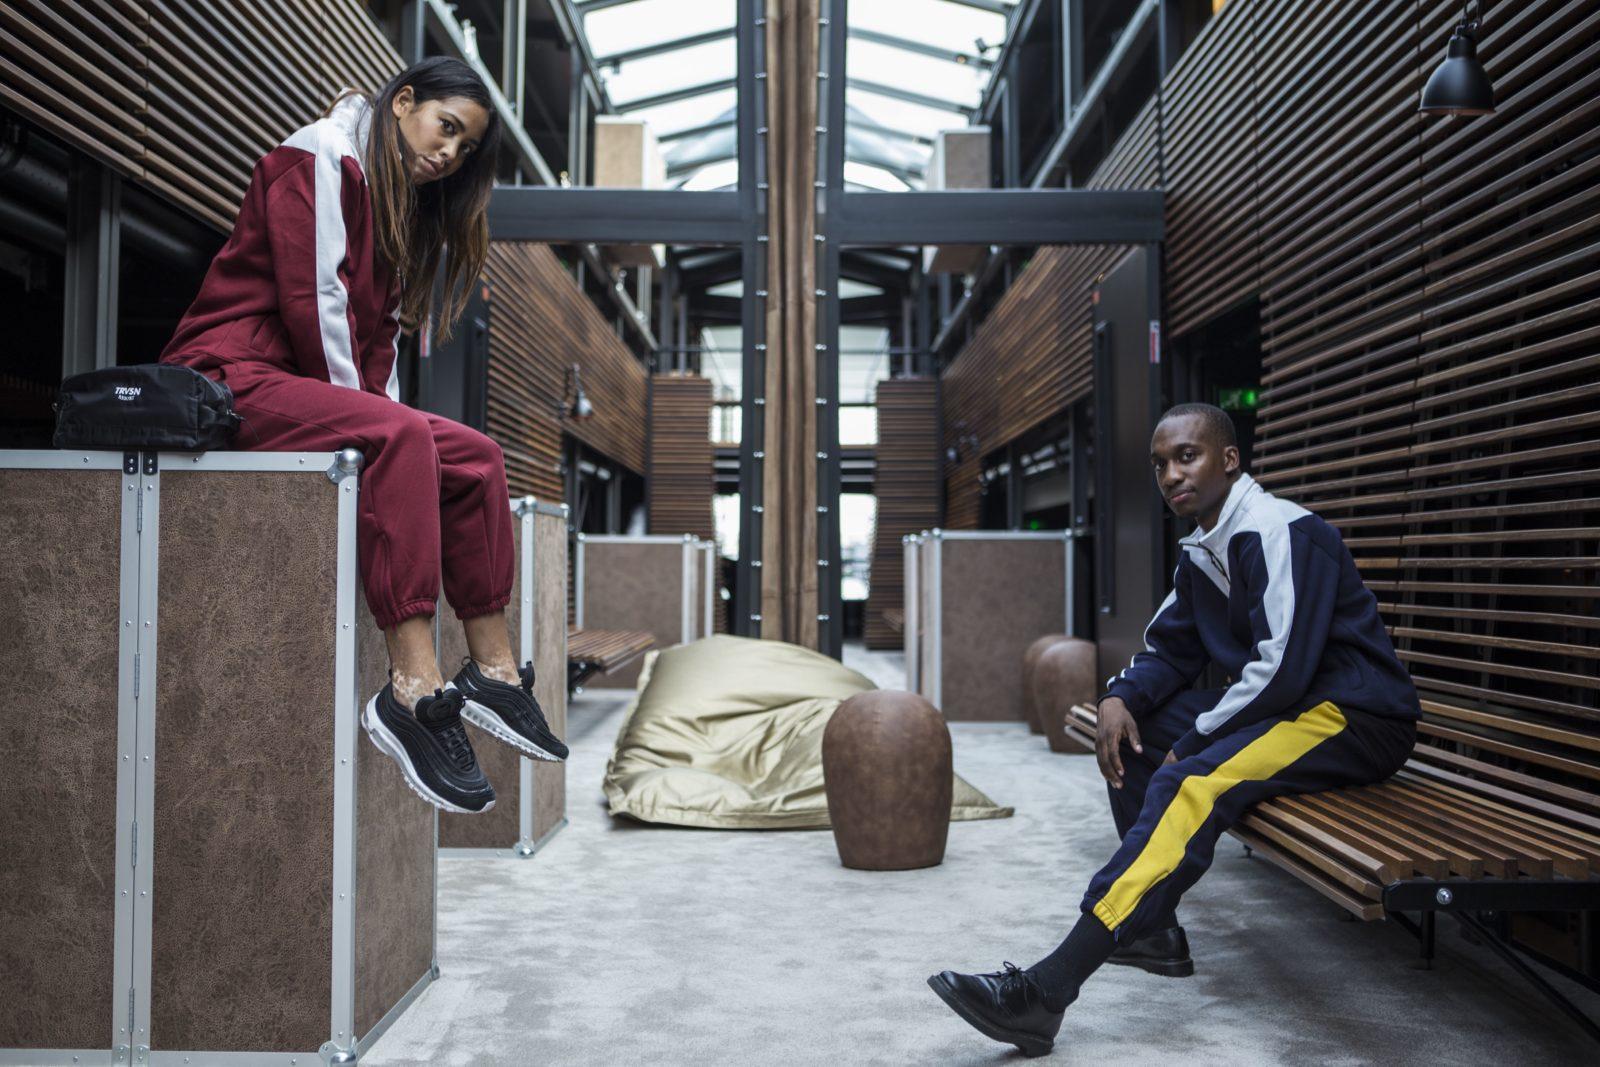 truevision trvsn streetwear paris street paris hiver 2018 noel cadeau tendance - Des idées de cadeaux cools à offrir à Noël aux amateurs de tendances urbaines